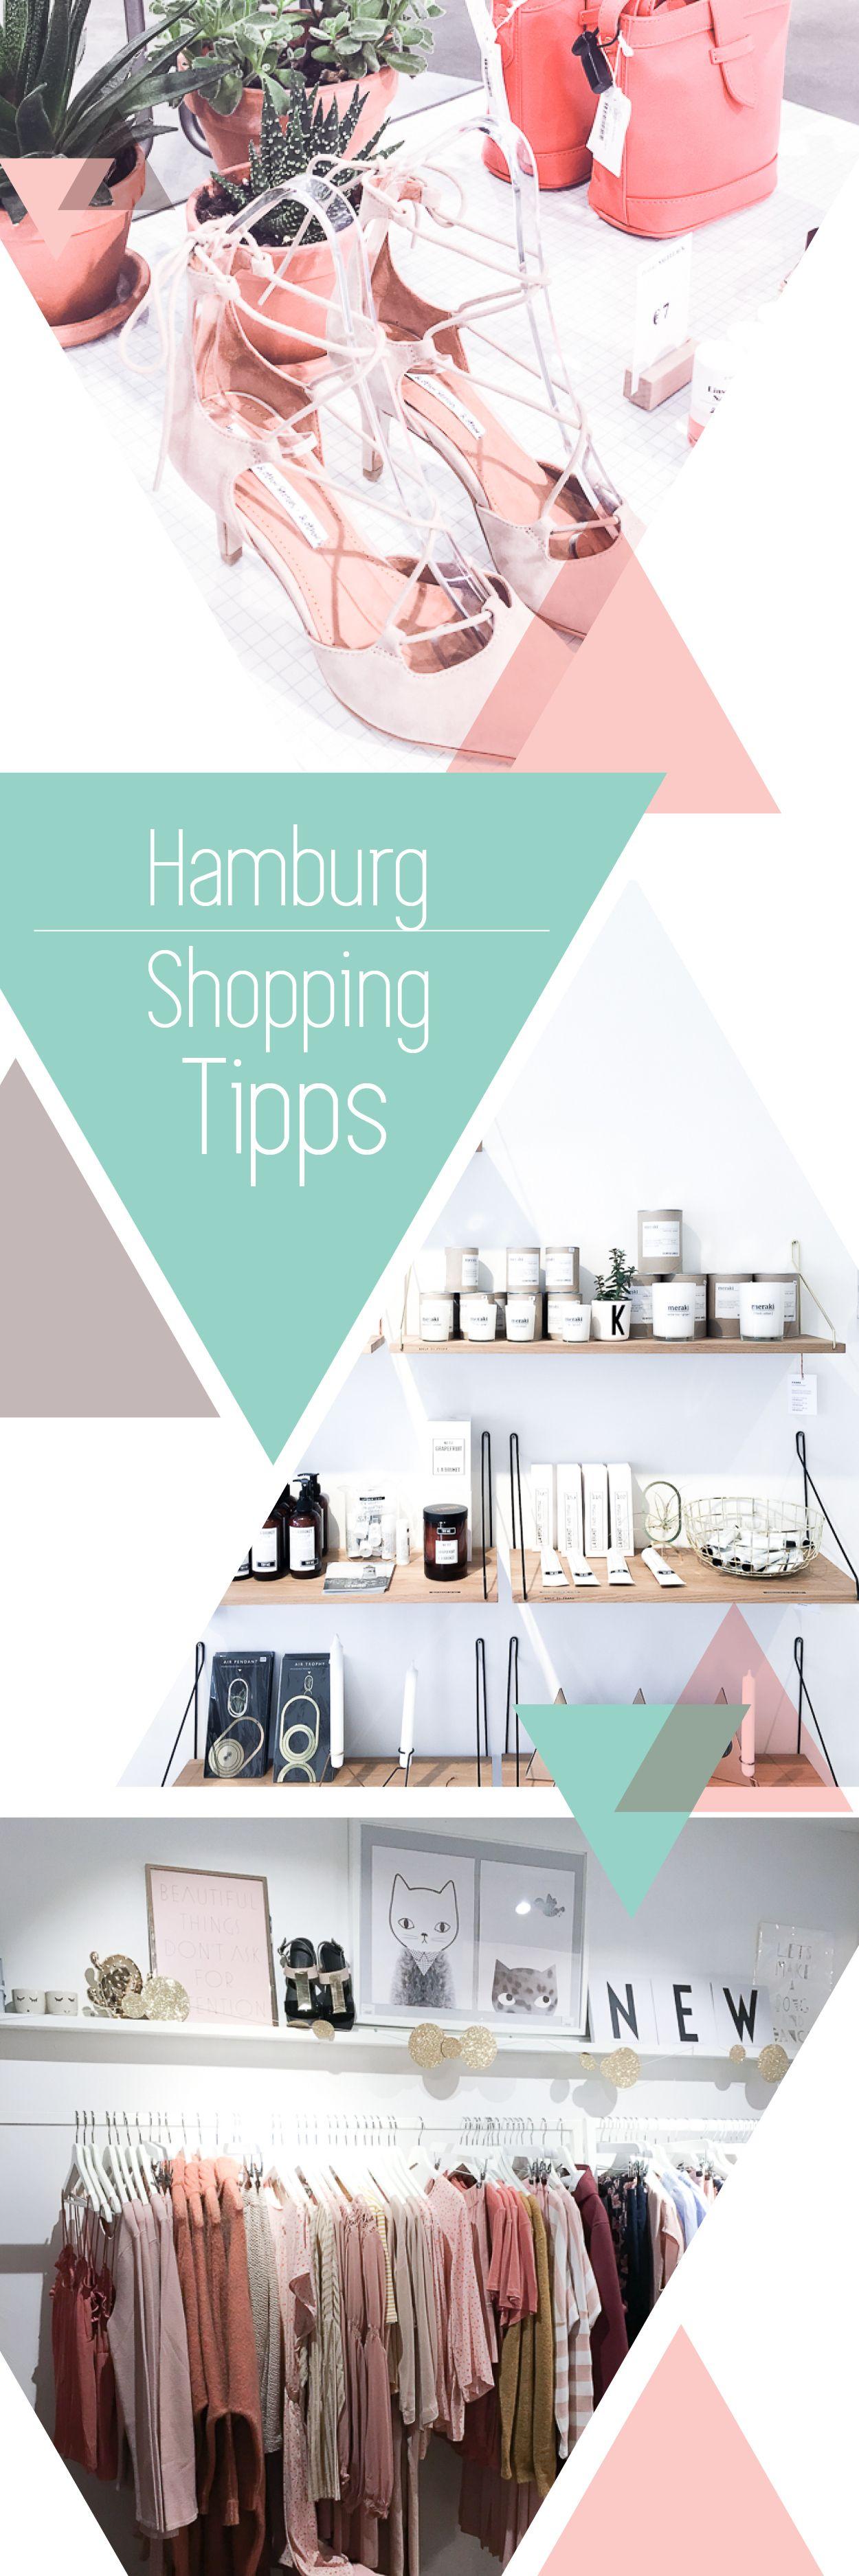 Wohnaccessoires Hamburg shopping in hamburg die besten tipps für klamotten